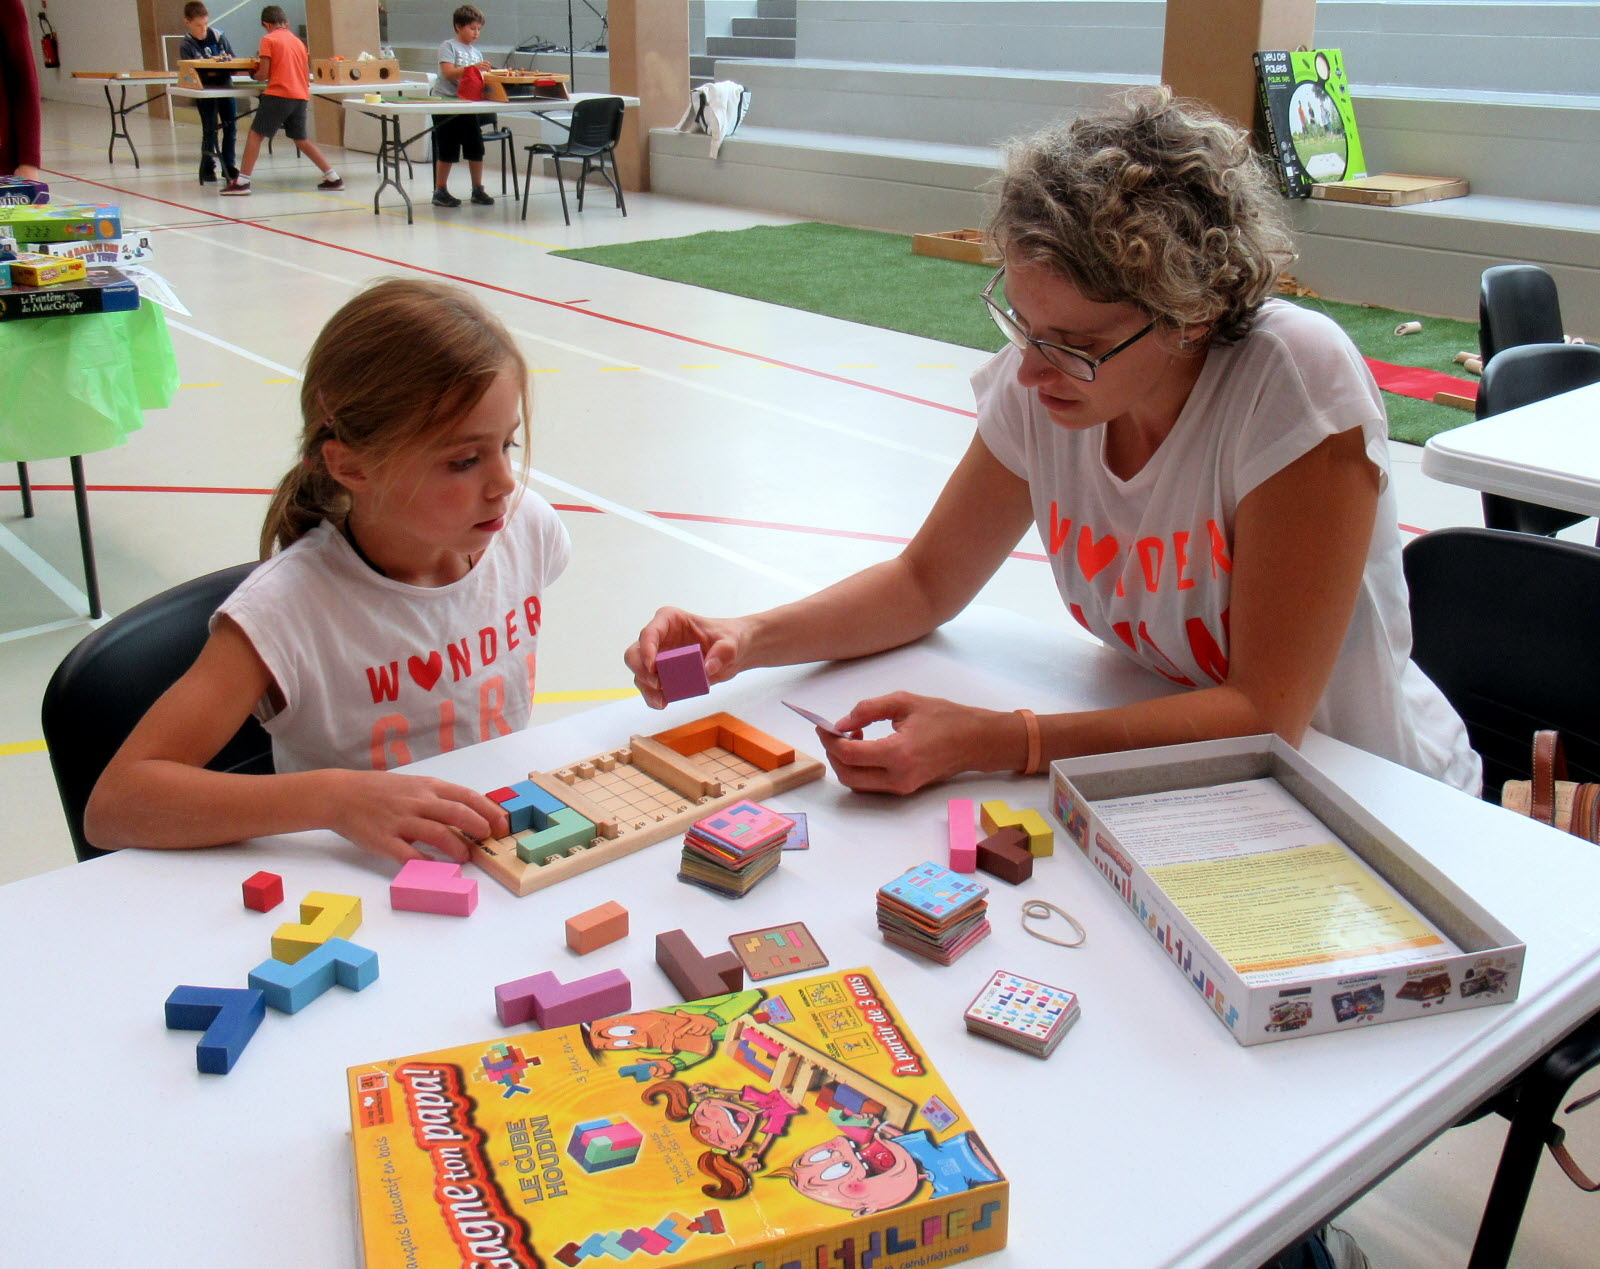 Lozanne | Lozanne : Un Festival De Jeux Gratuit Pour Petits tout Jeux Enfant 3 Ans Gratuit